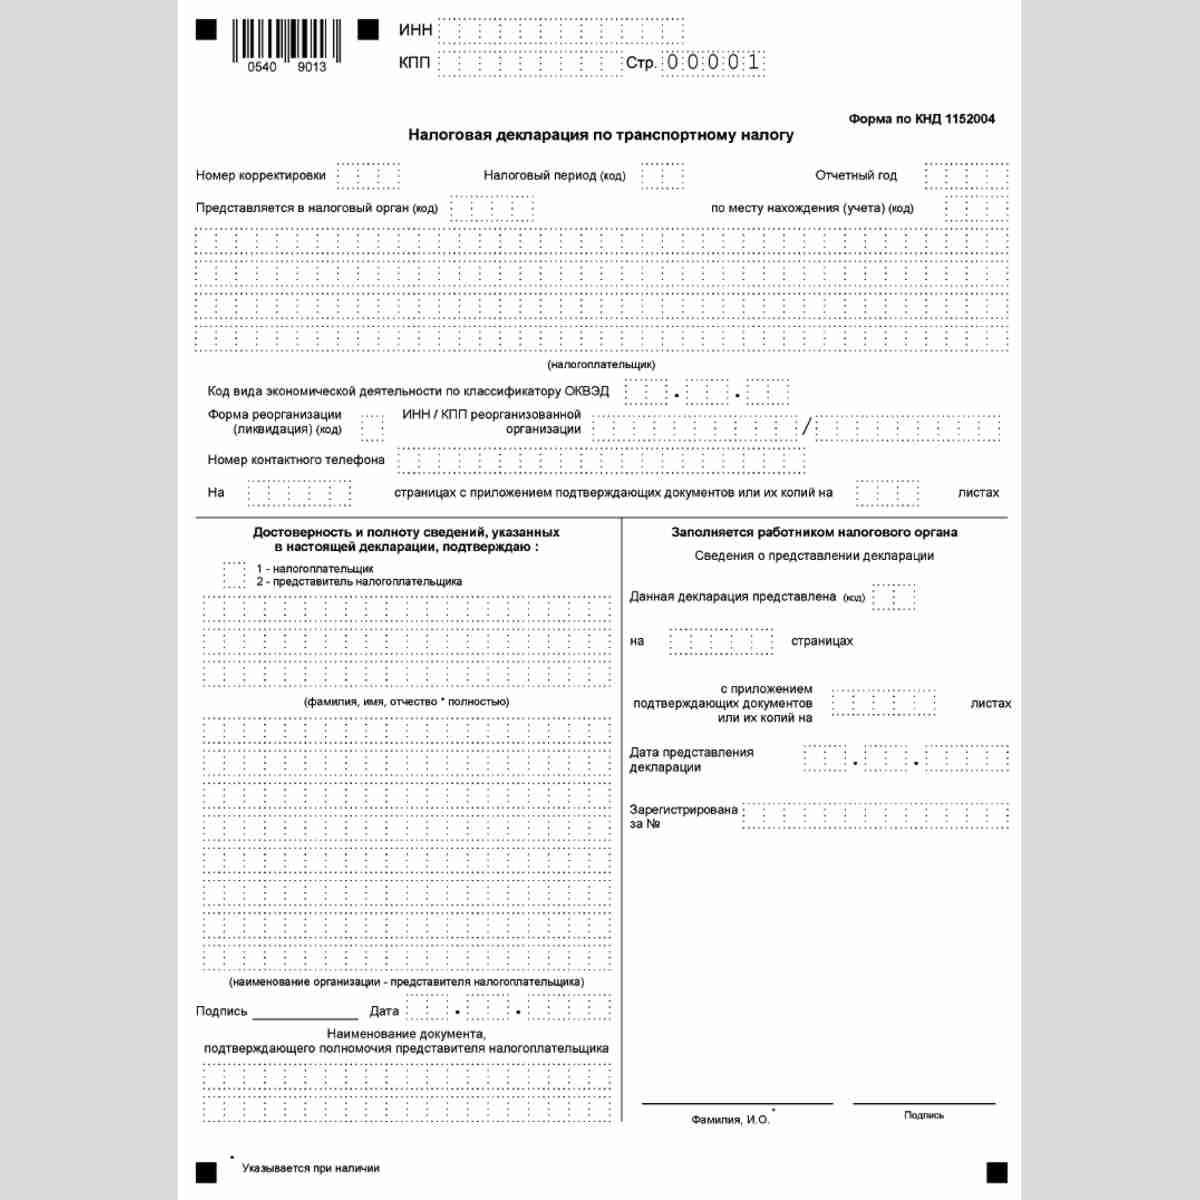 """Форма КНД 1152004 """"Налоговая декларация по транспортному налогу"""". Титульный лист"""